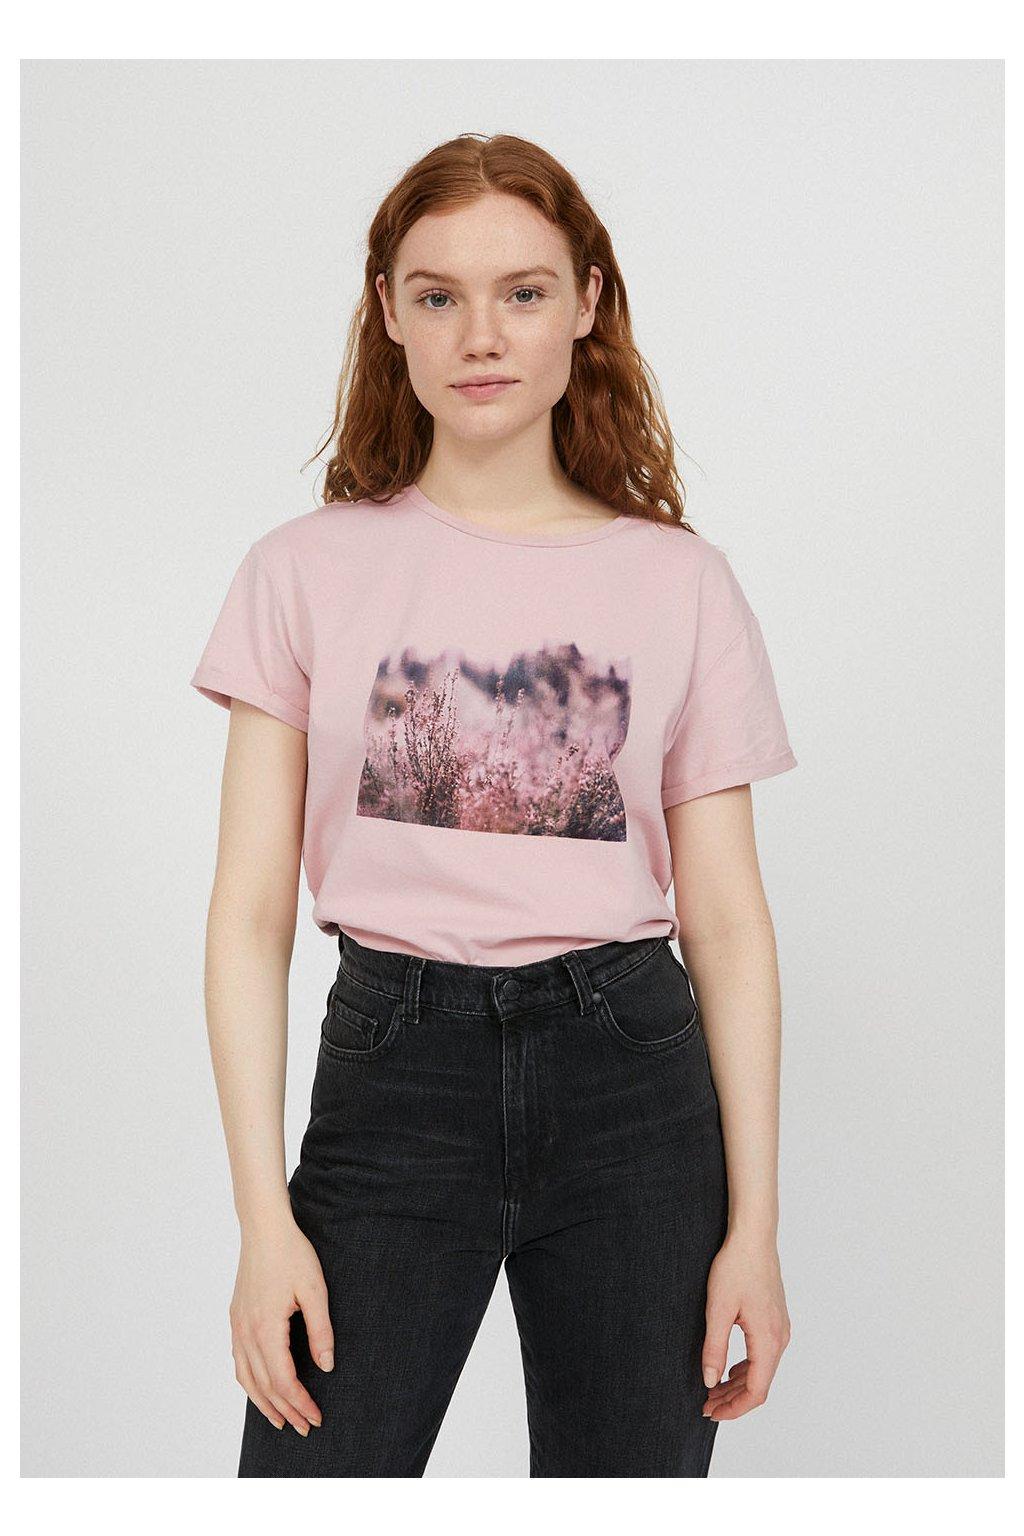 """Dámské růžové tričko s potiskem """"NAALIN heathland"""" (Velikost L)"""